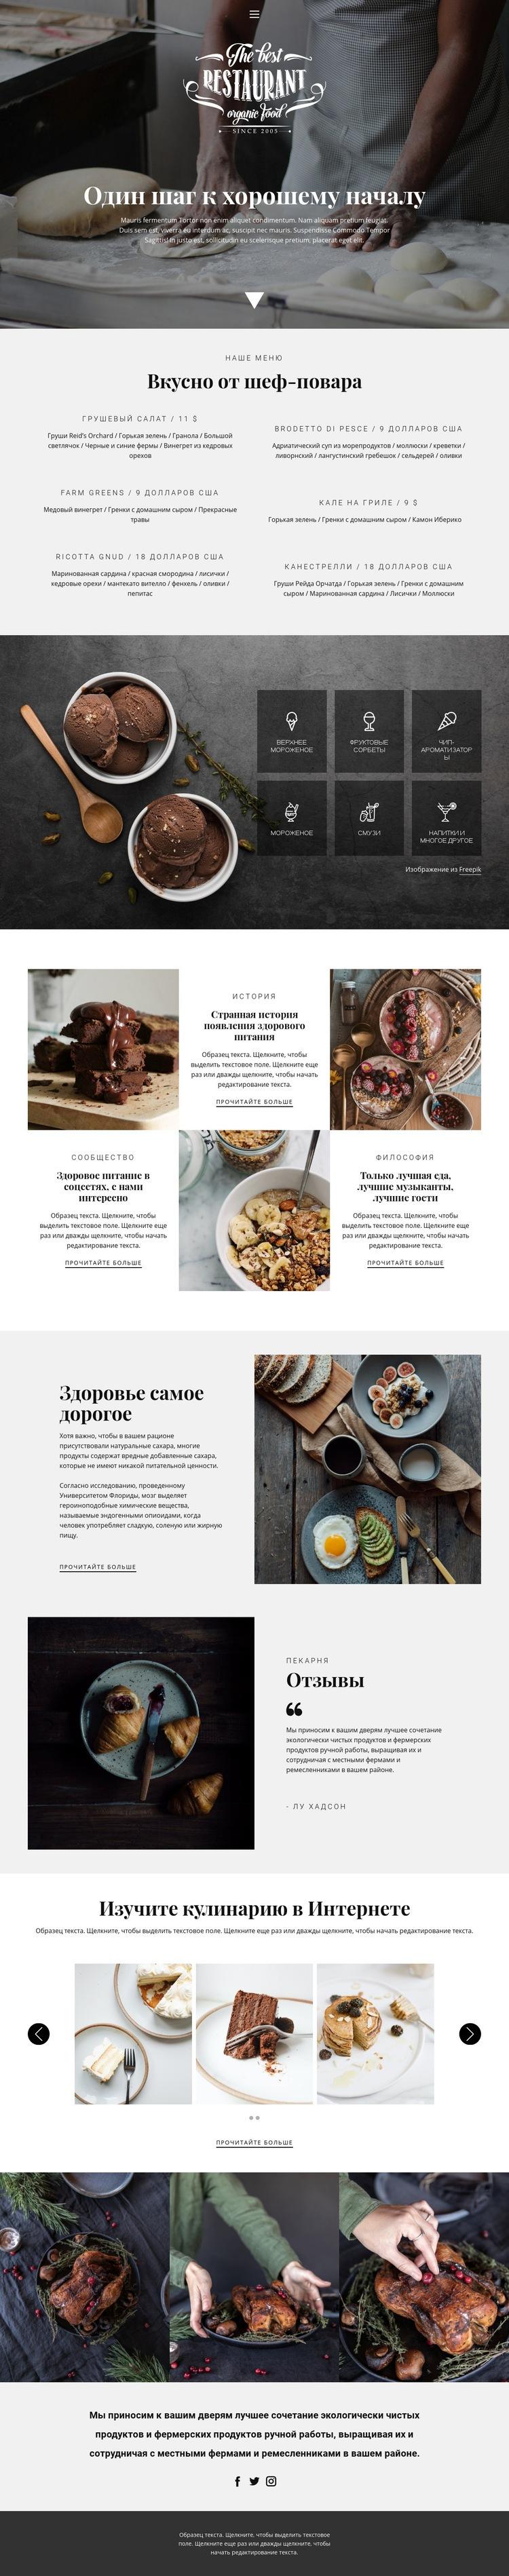 Рецепты и уроки кулинарии HTML шаблон